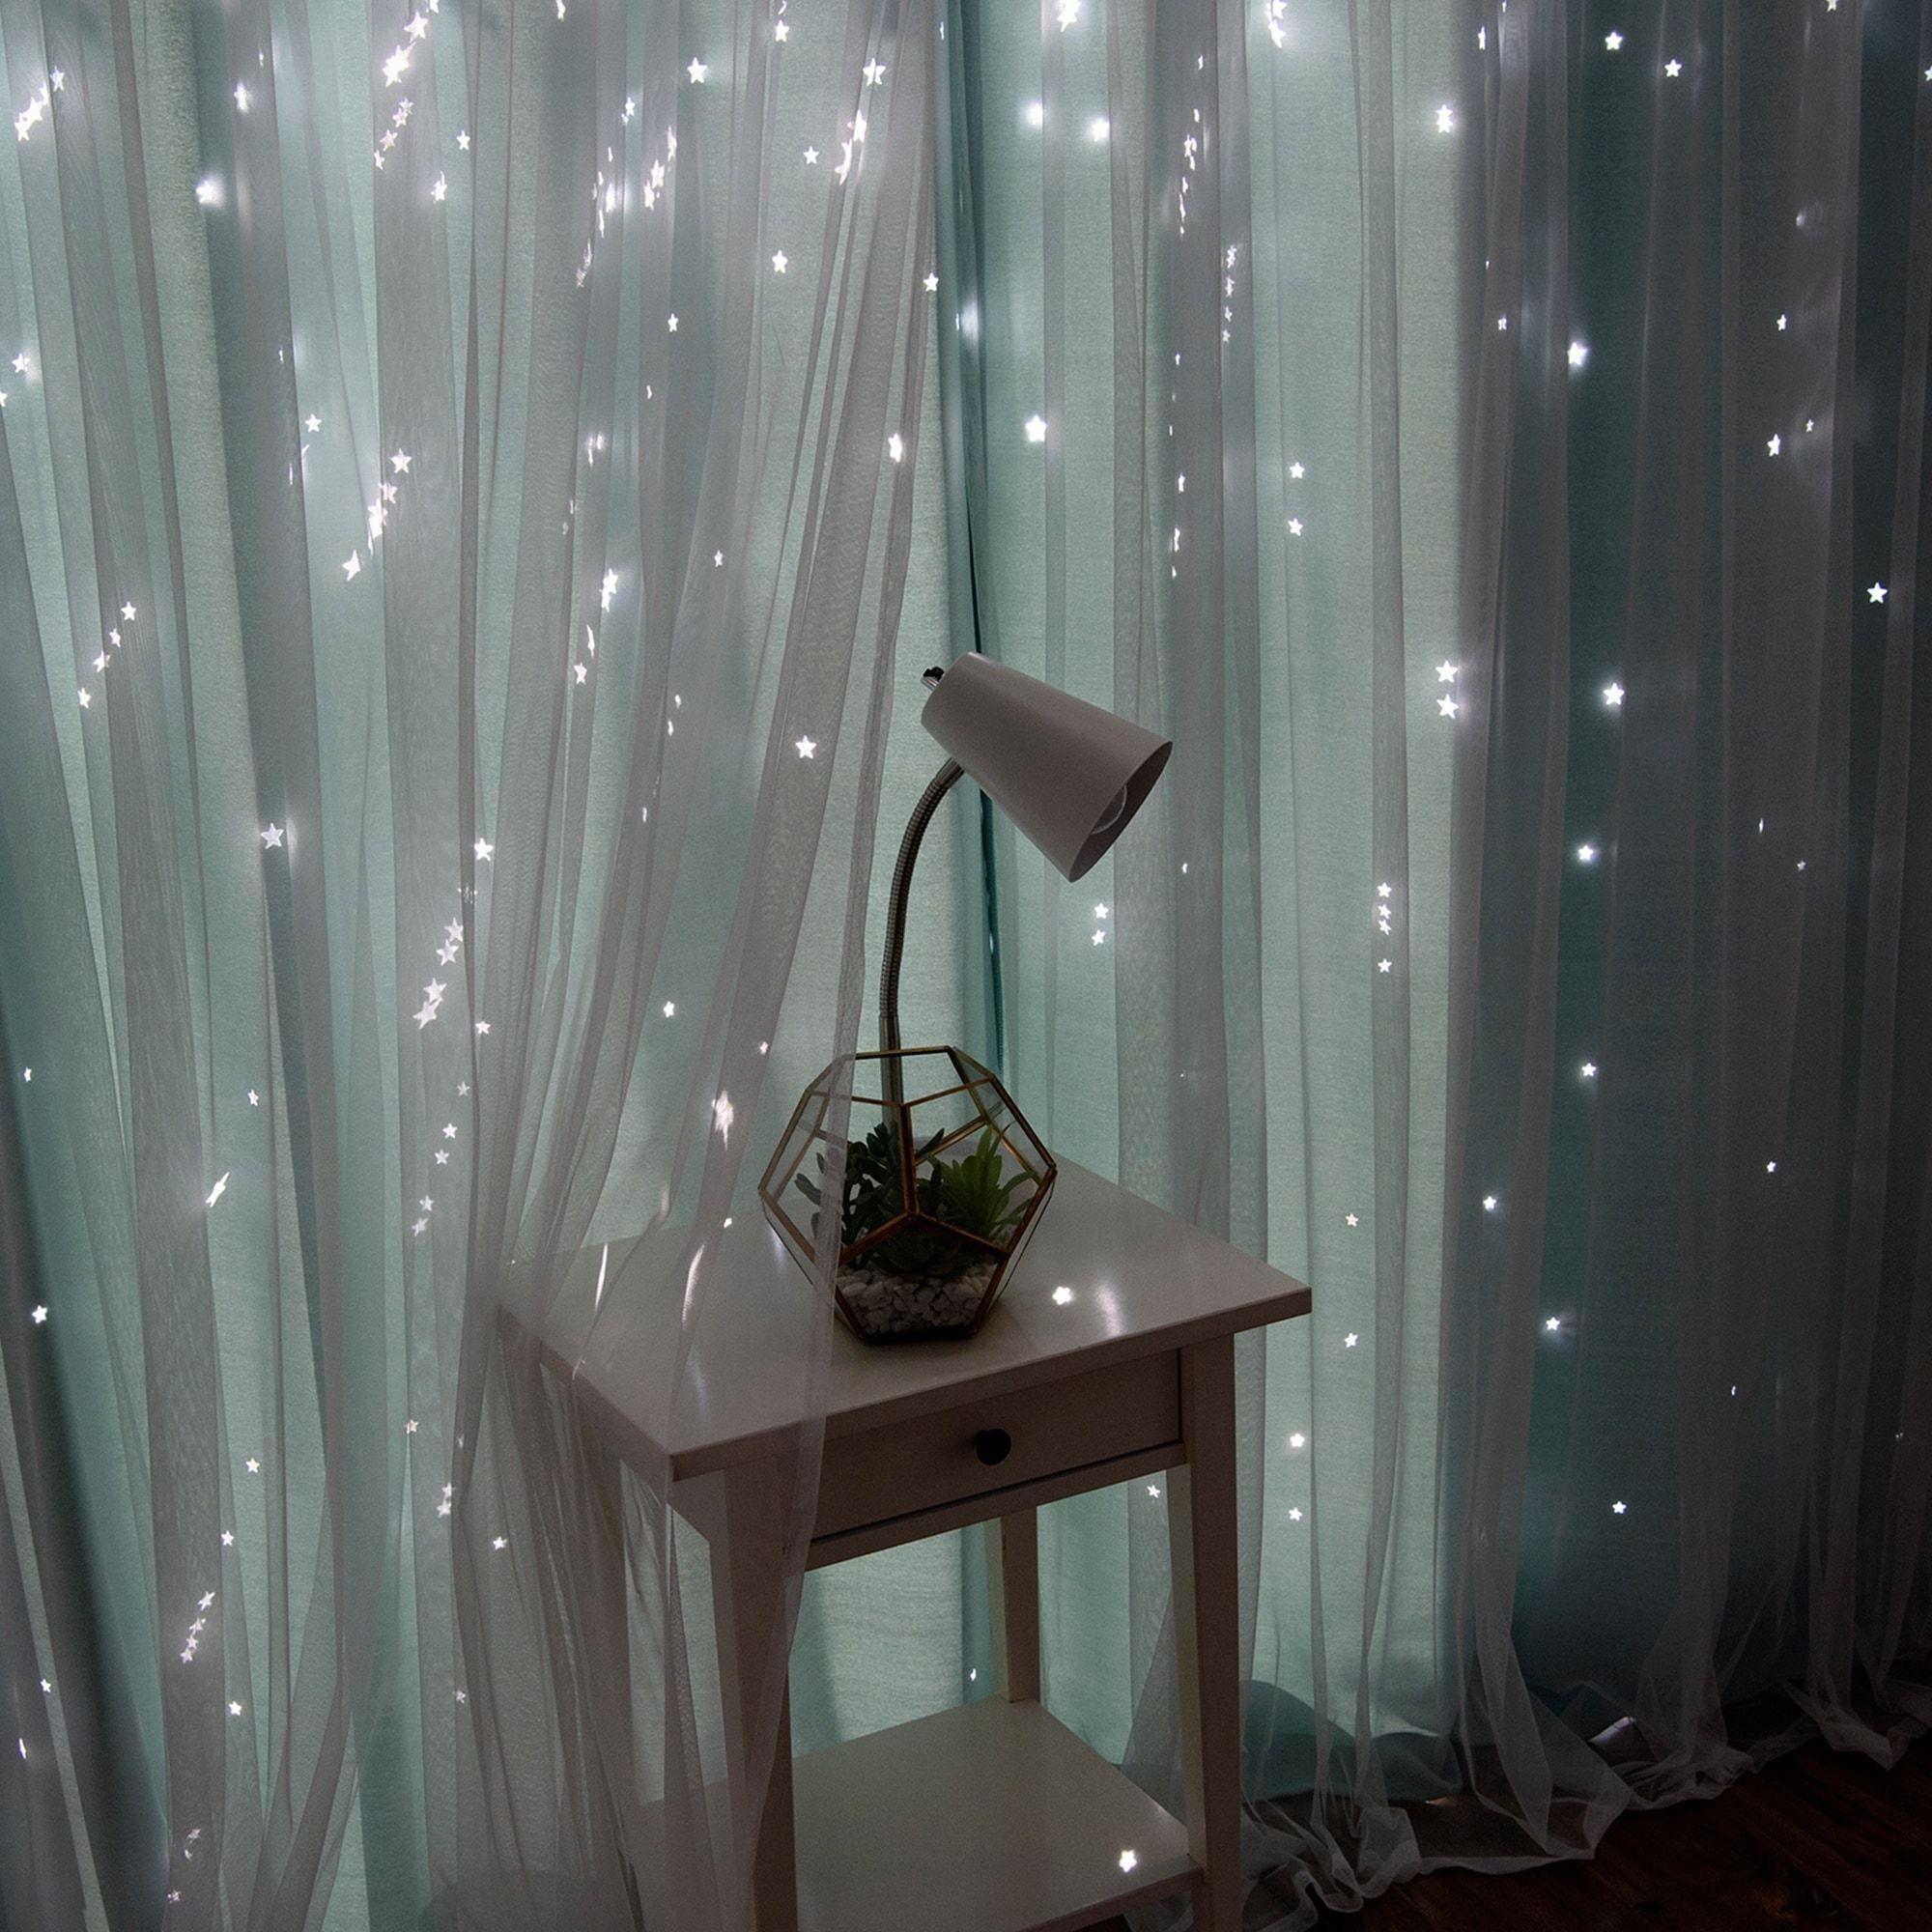 Wondrous Unique Ideas Long Curtains Tubs Boho Curtains Door Vintage Curtains Pvc Pipes Ikea Curtains Living Room Boho Curtains Living Room Curtains Hangi